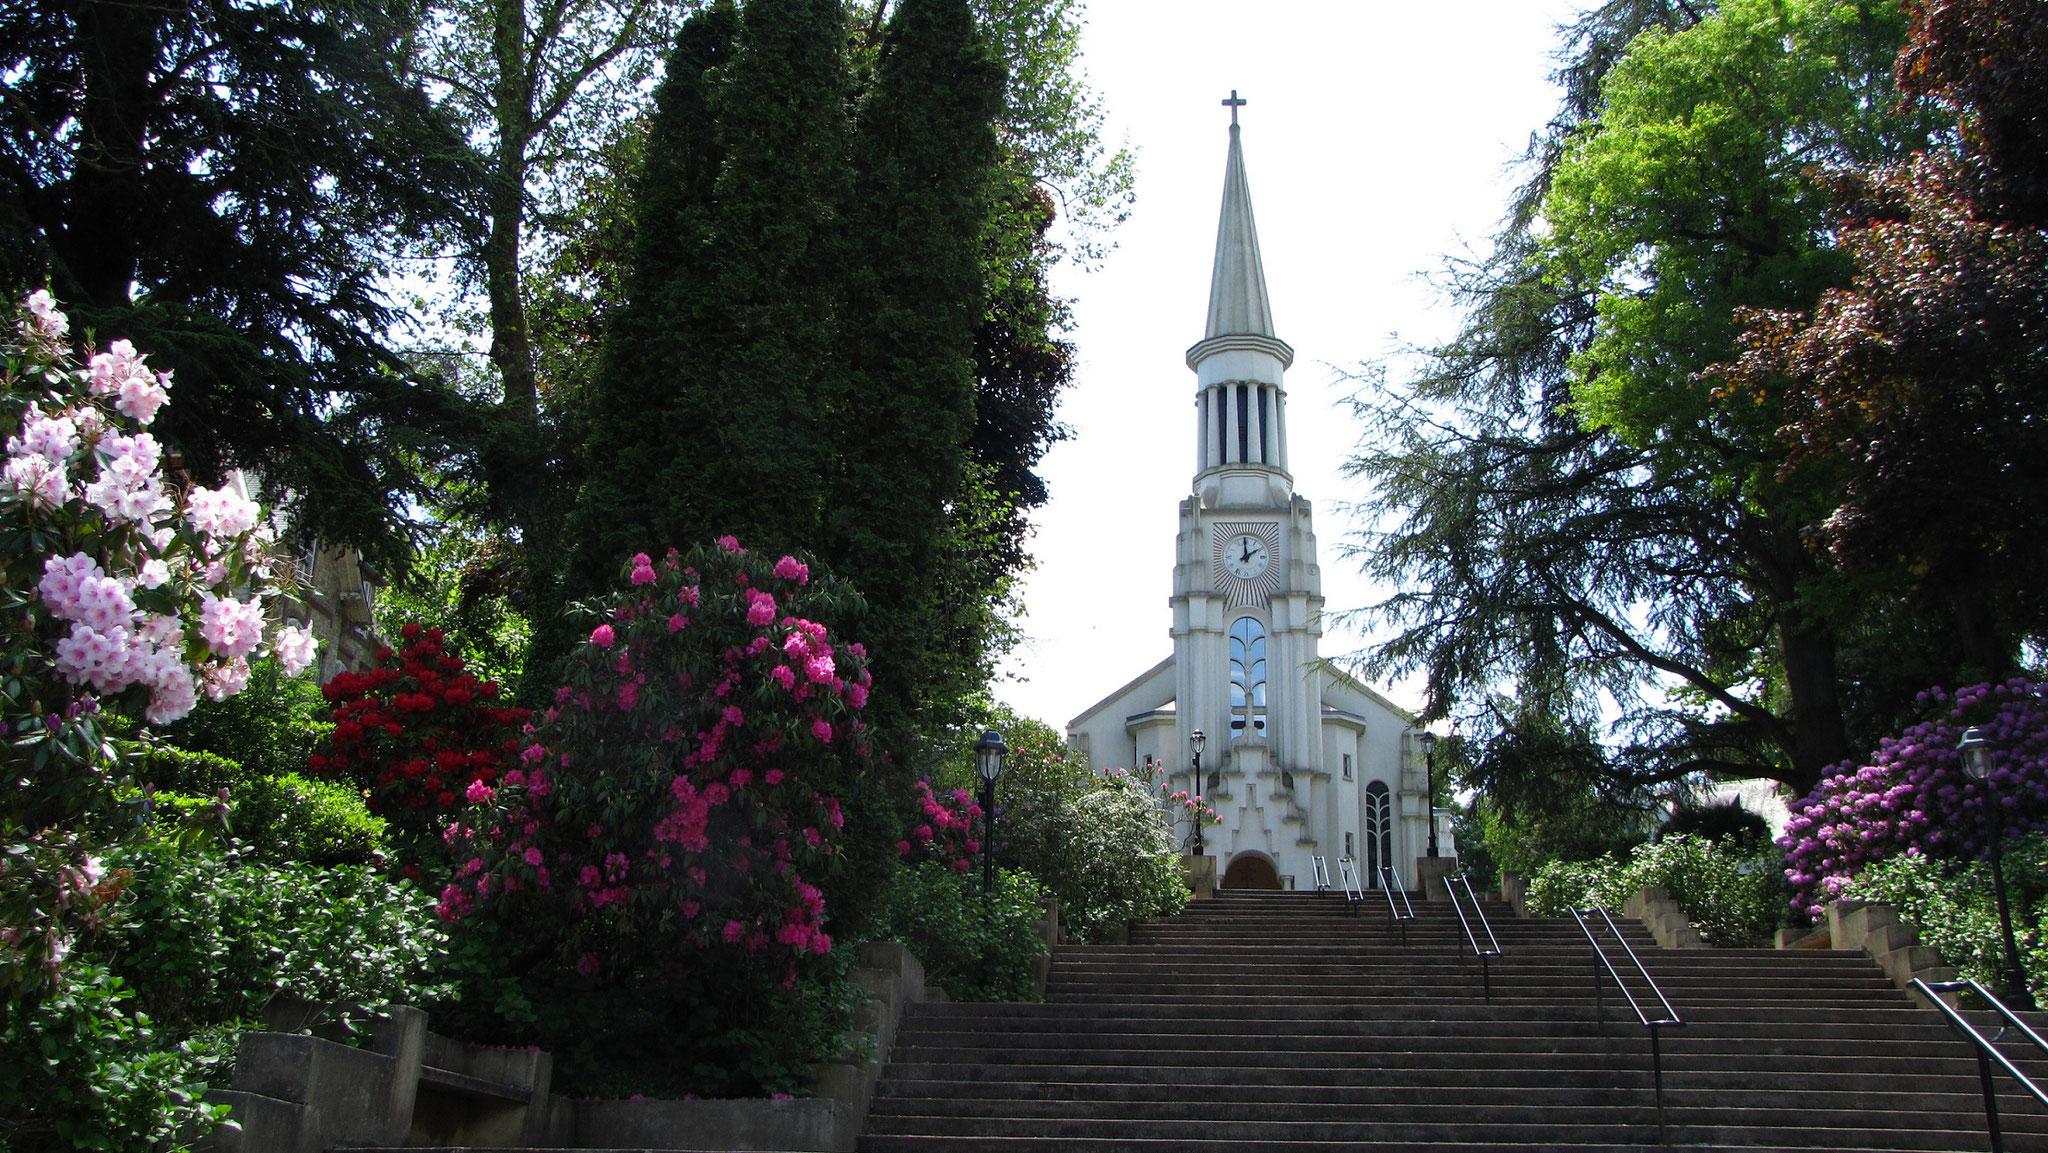 Eglise Sacré Coeur Bagnoles de l'Orne Normandie